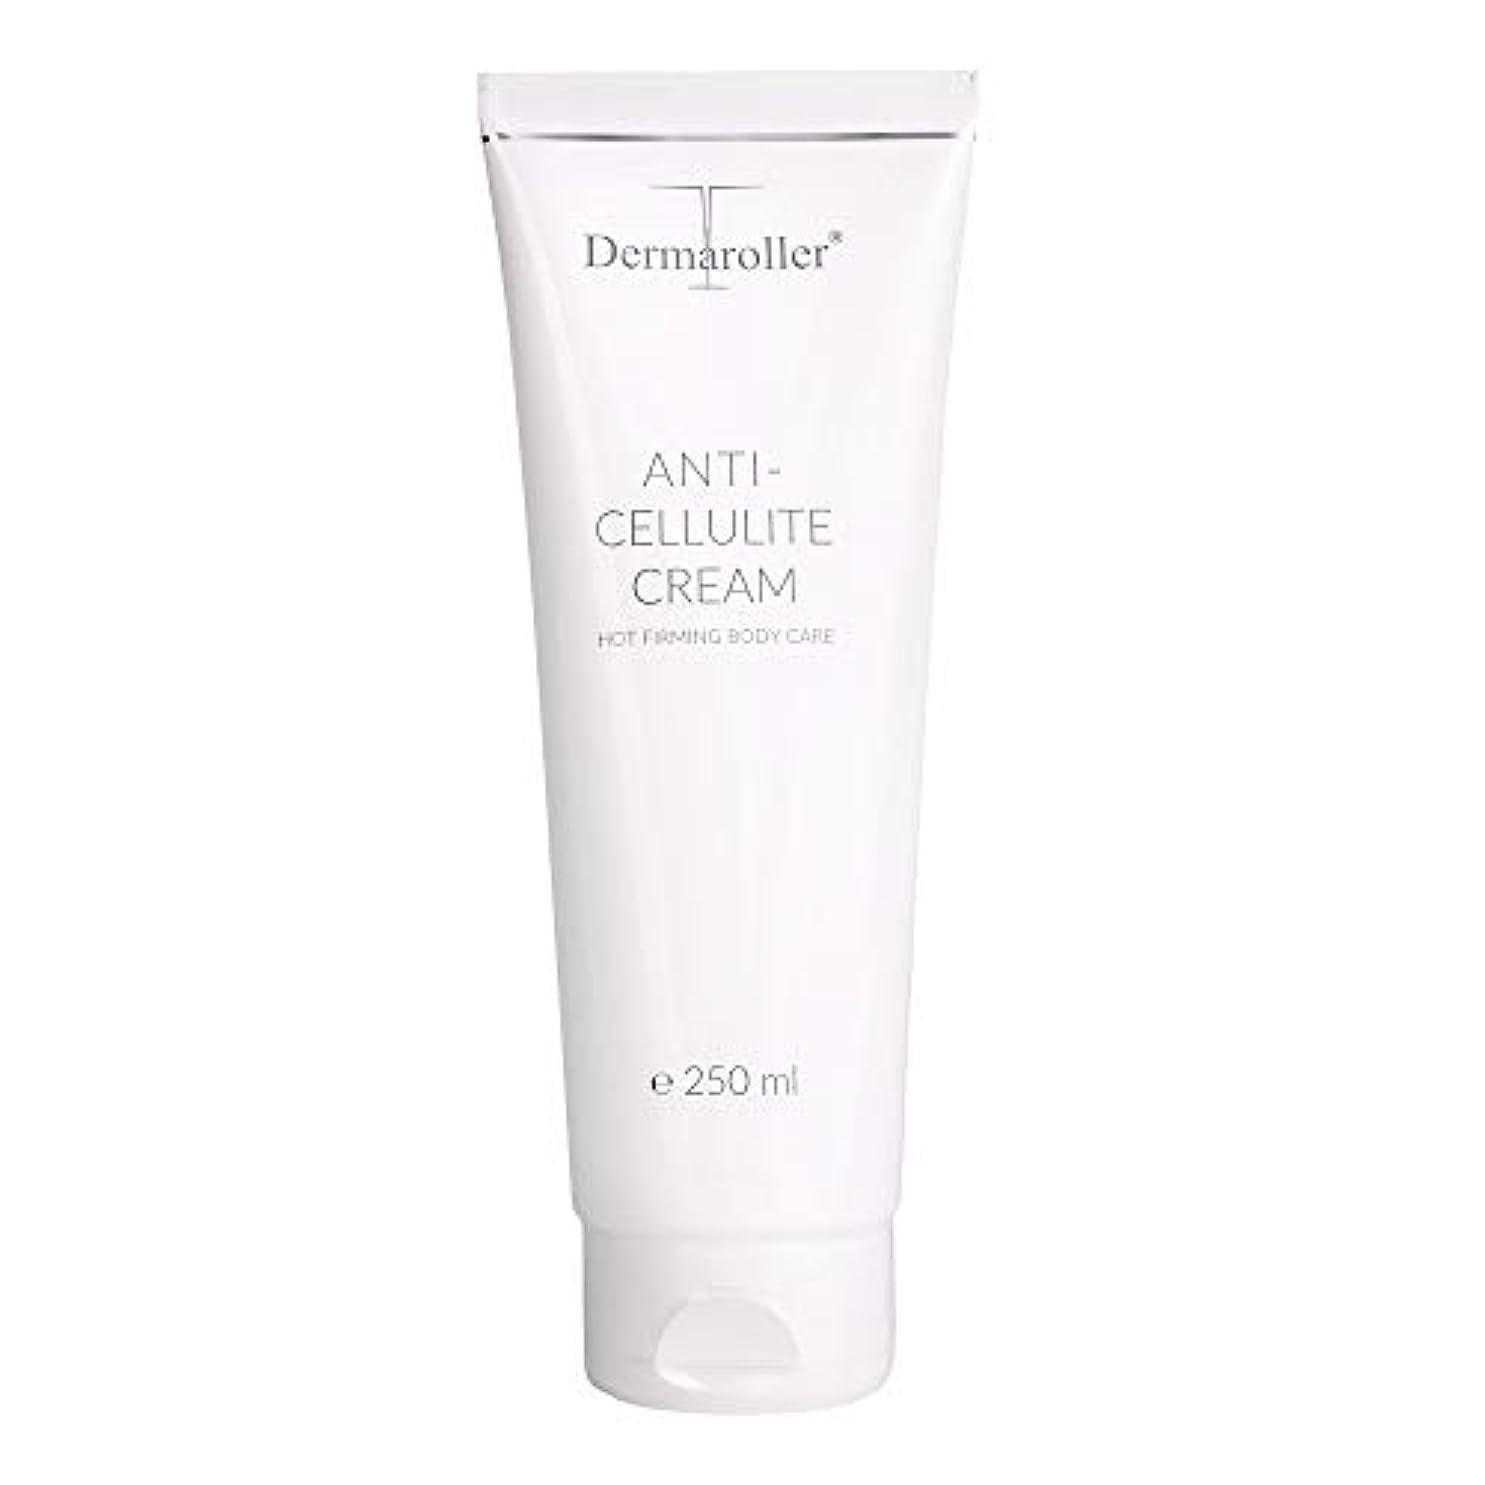 キルト疲労飽和するDermaroller アンチ セルライト クリーム 250ml [Dermaroller]Anti-Cellulite Cream